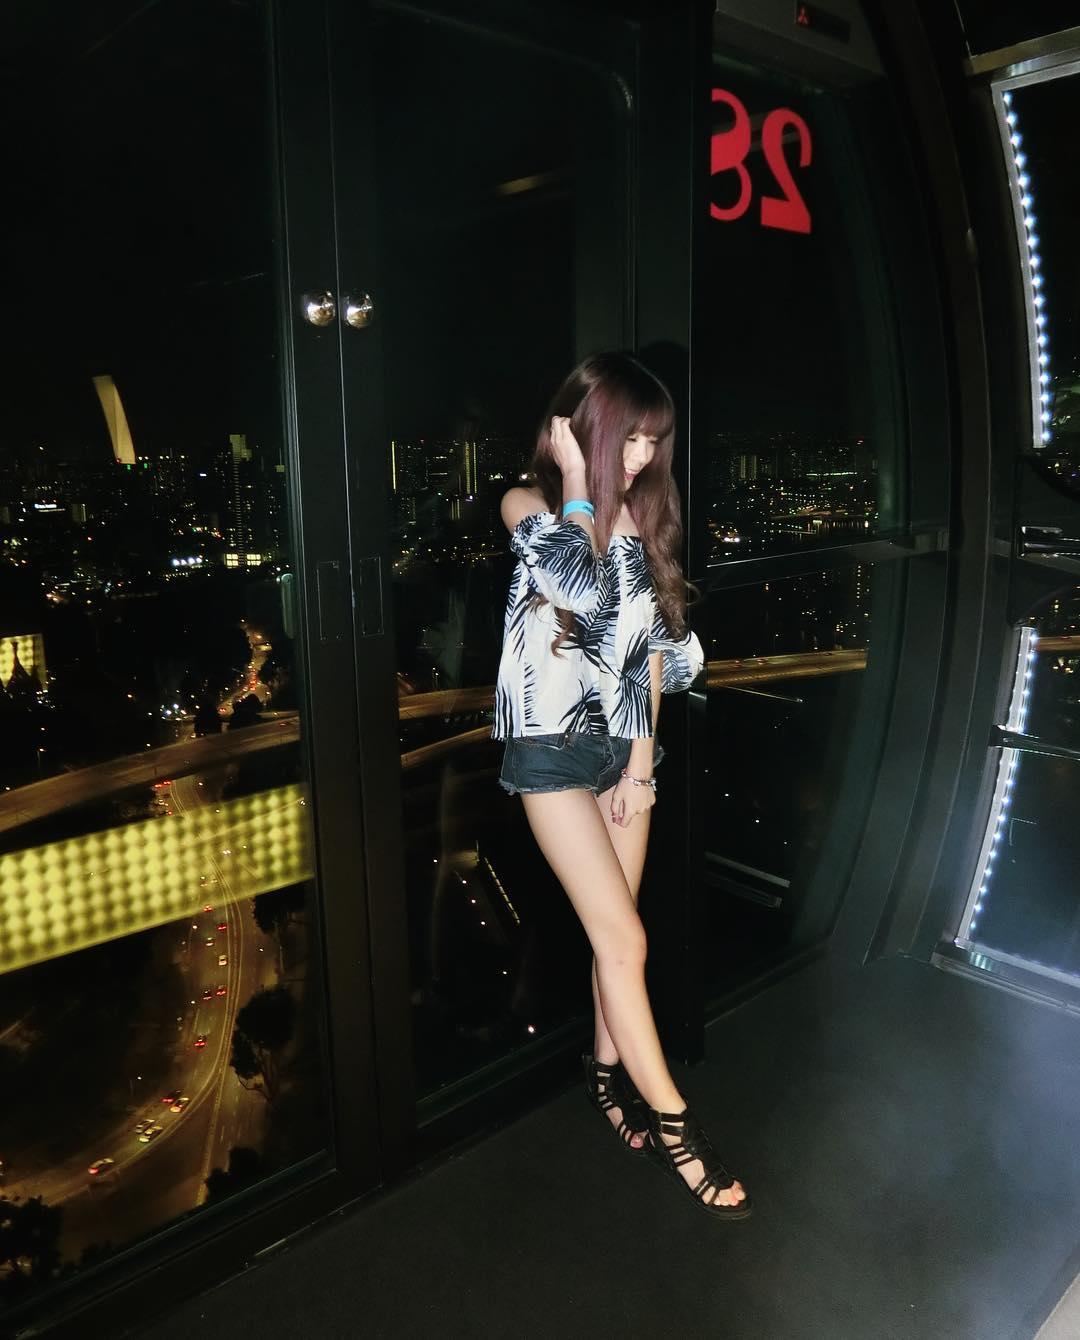 台灣超夯實況主「瑀熙」神似「徐若瑄」美腿小隻馬: 腿控的最愛!(14P+門)